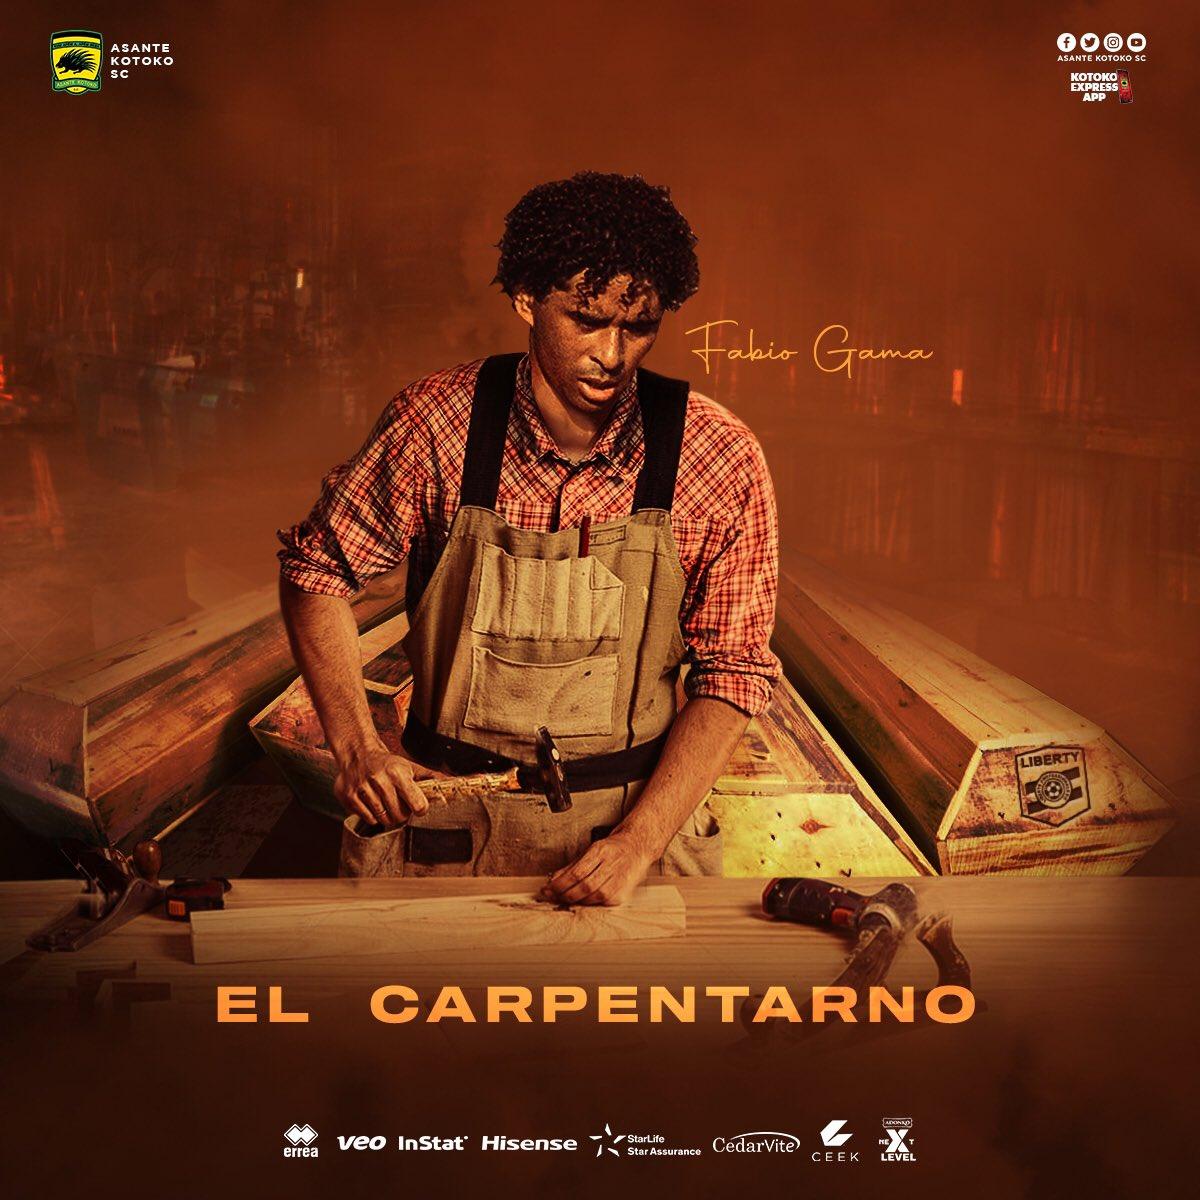 'El Carpentarno' – Asante Kotoko star Fabio Gama gets new name